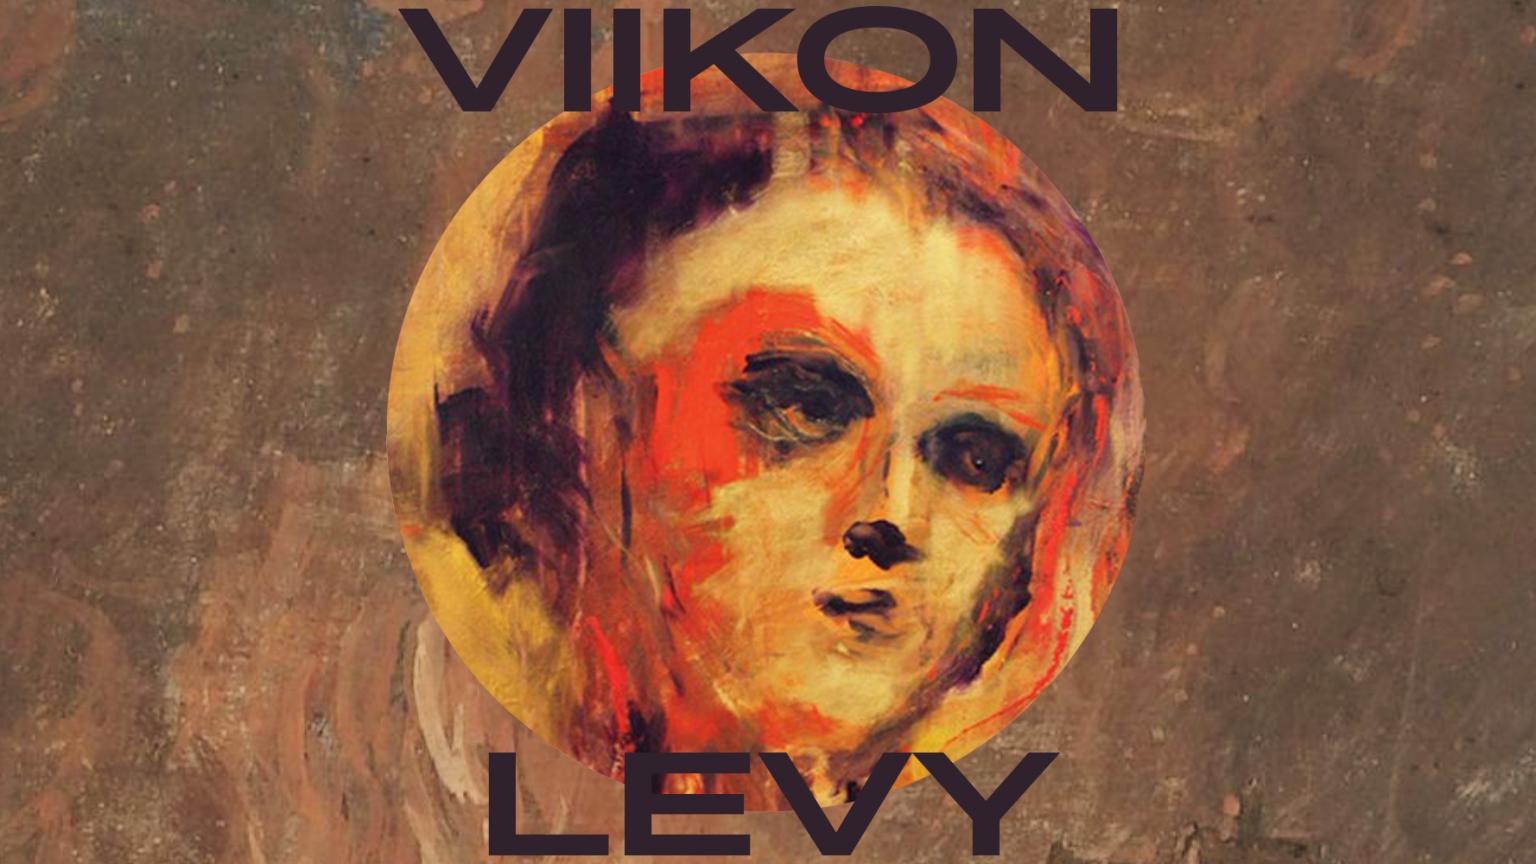 VIIKONLEVY_TIEKKARI_NEØV-1-1536x864